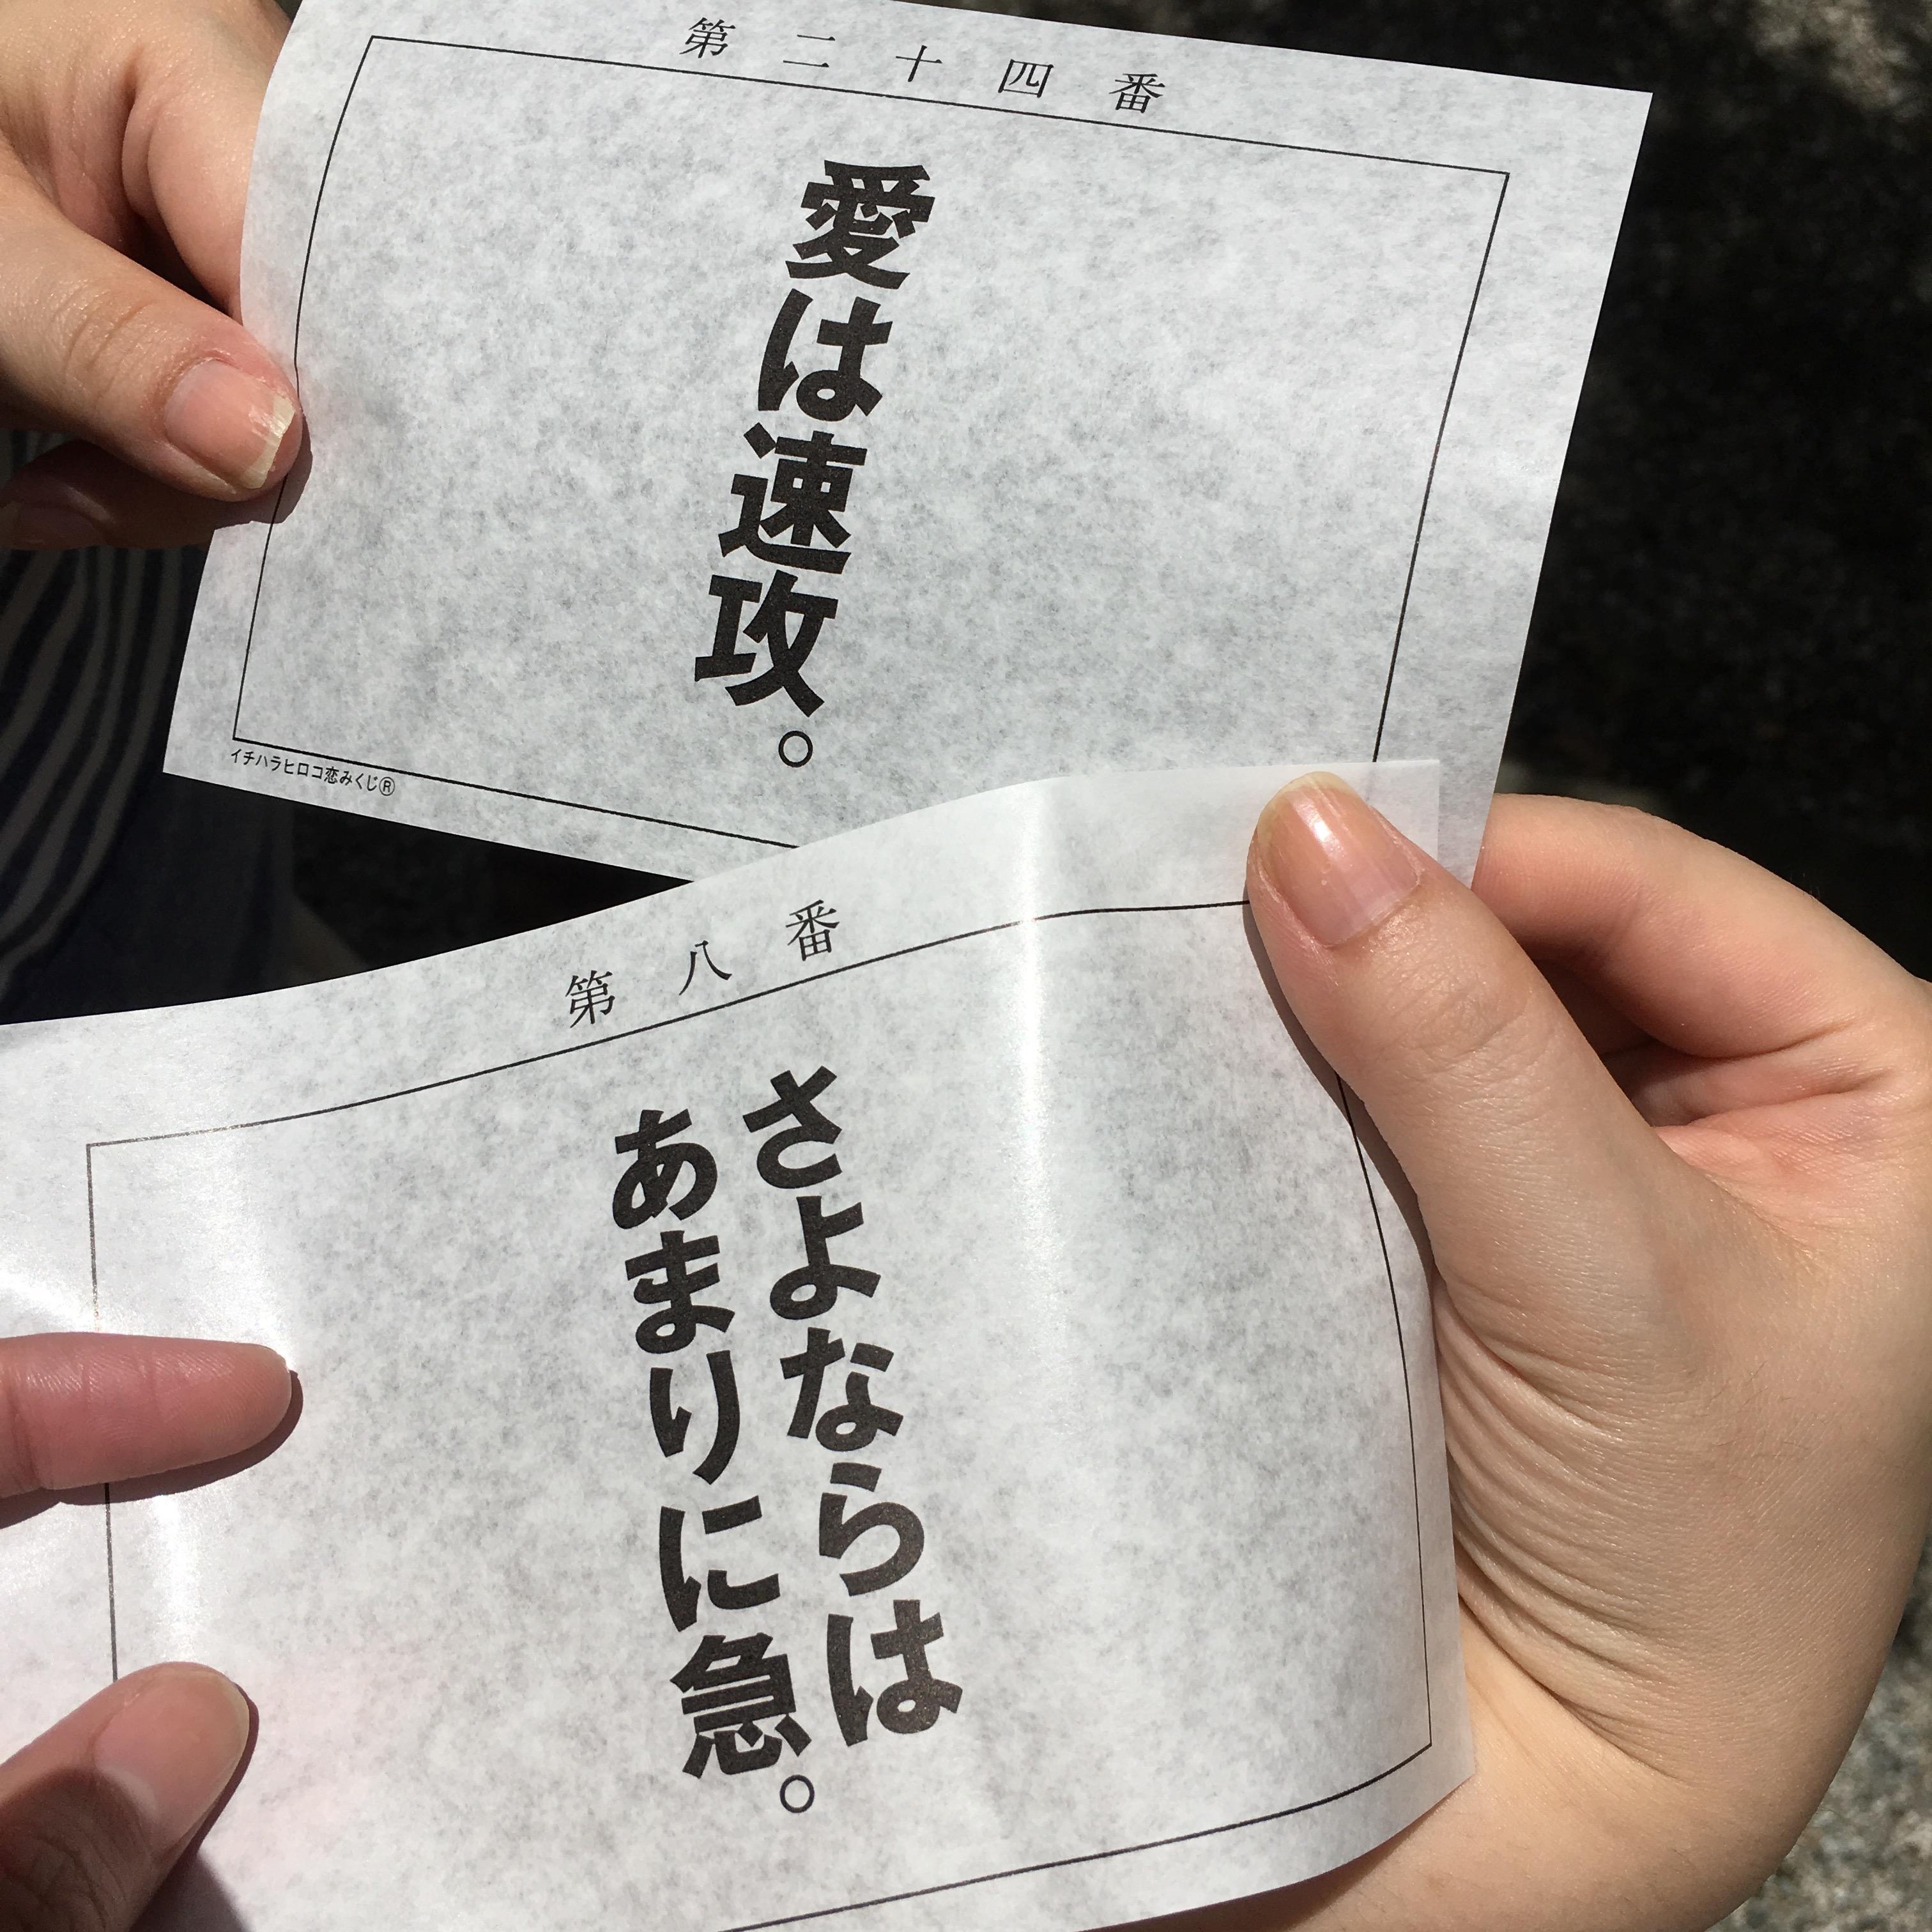 【山崎菅原神社】熊本で恋みくじ引いてみた。超ユニーク!何度も引きたくなる系w